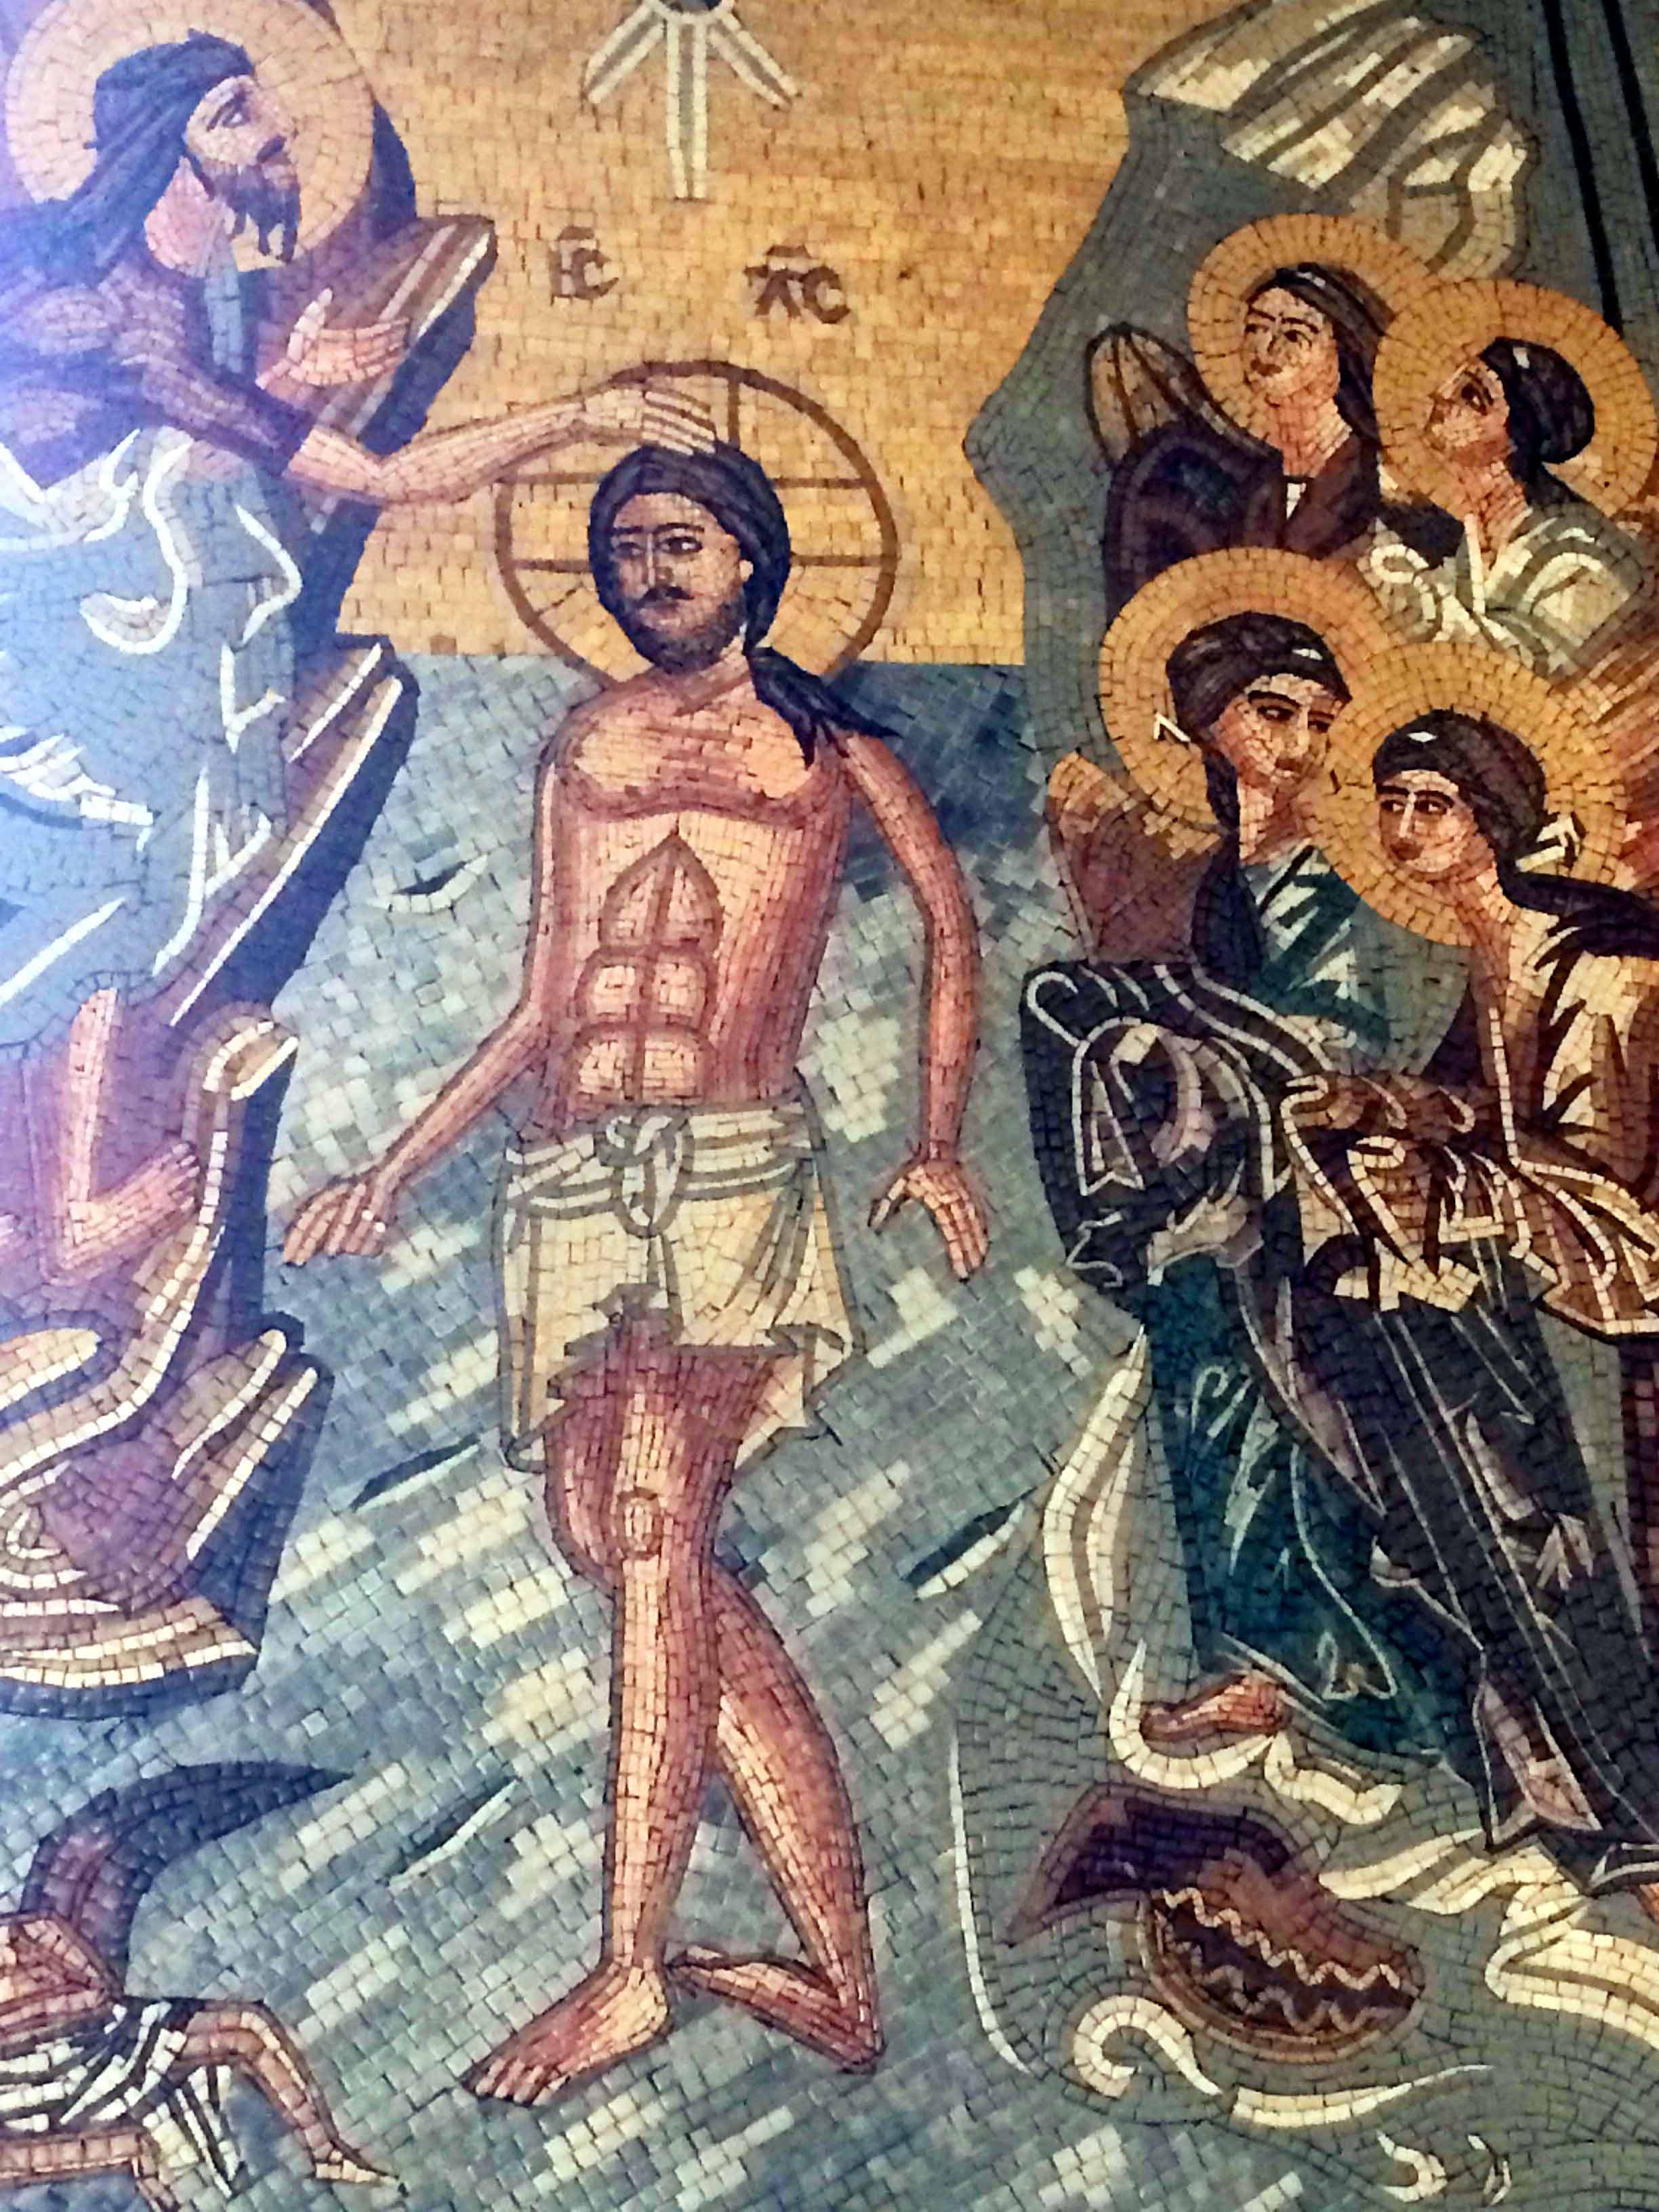 Jean-Baptiste baptisant Jésus. Mosaïque dans l'église orthodoxe de Madaba en Jordanie (Crédits photo : H. Giguère)